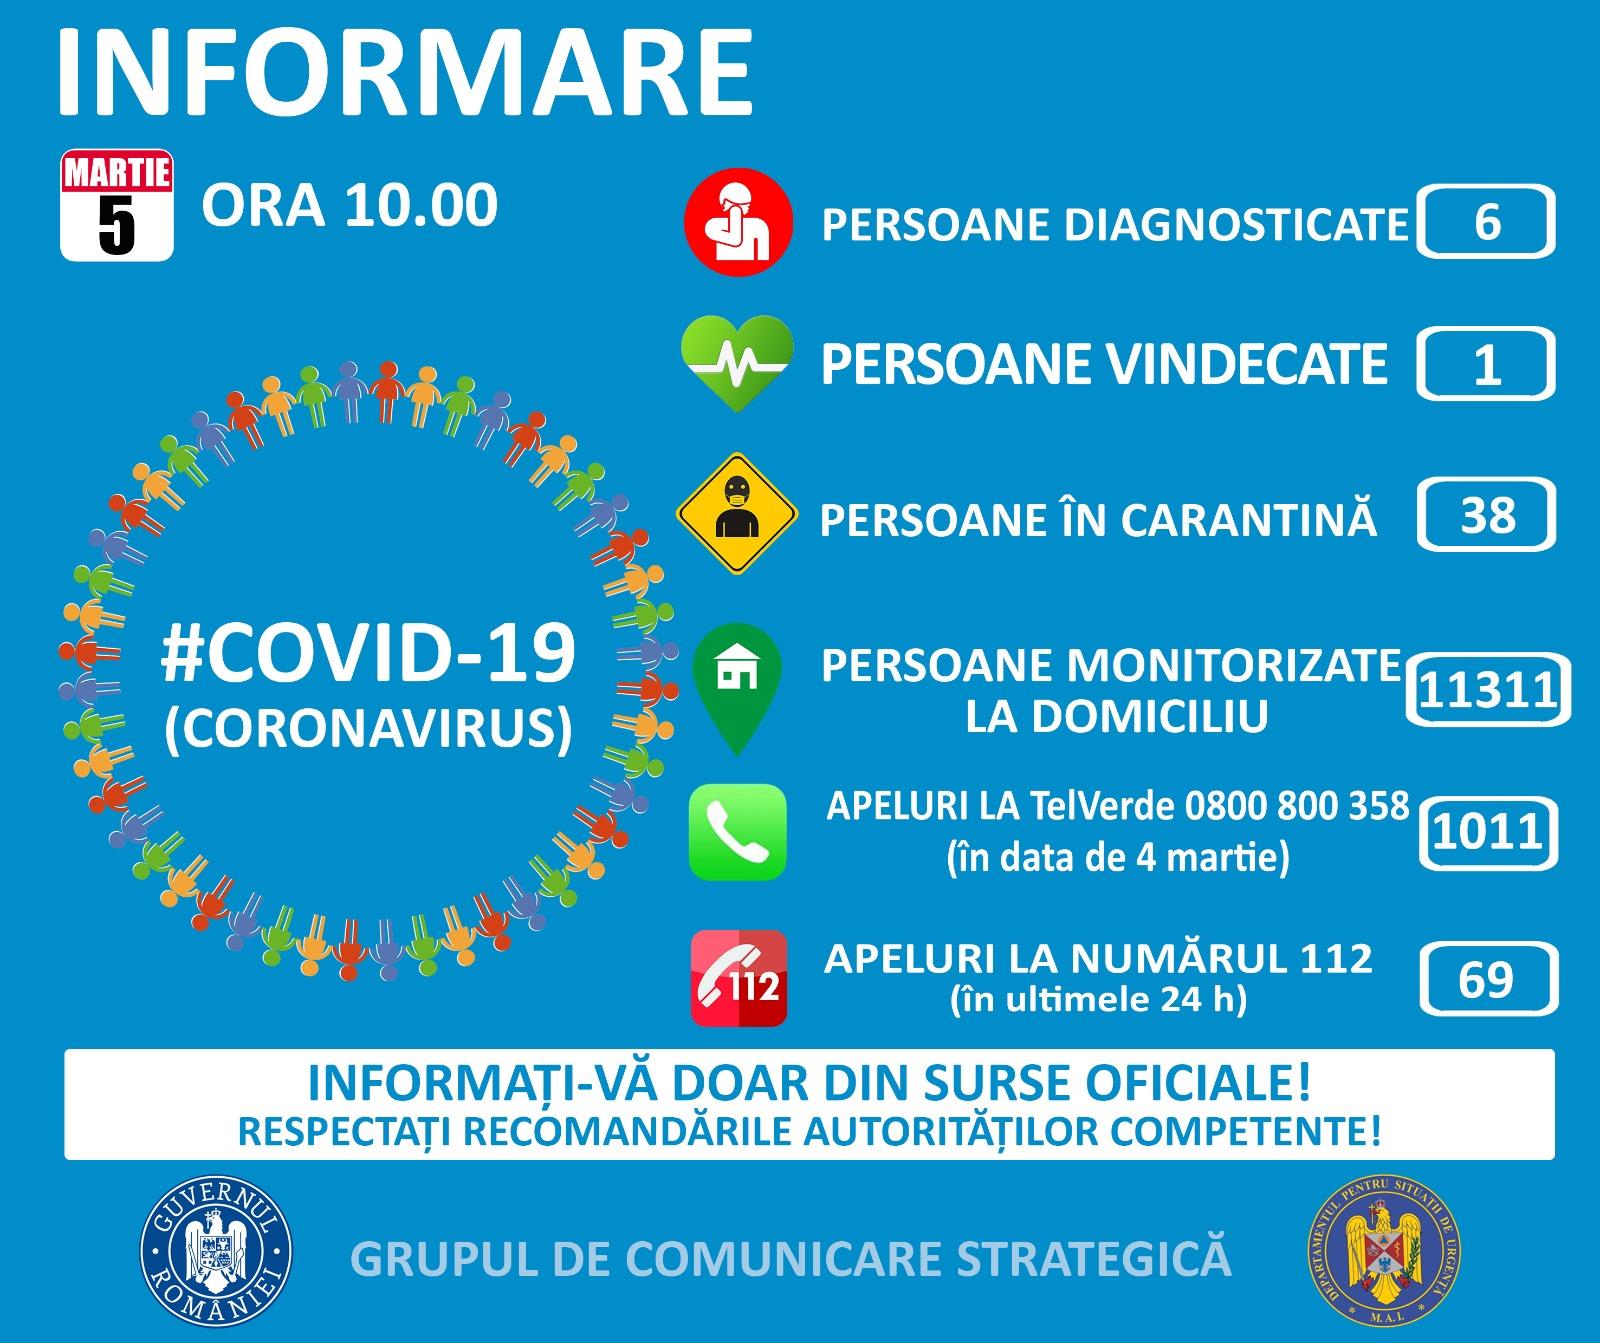 romania-sase-cazuri-de-imbolnavire-38-de-persoane-in-carantina-covid-19